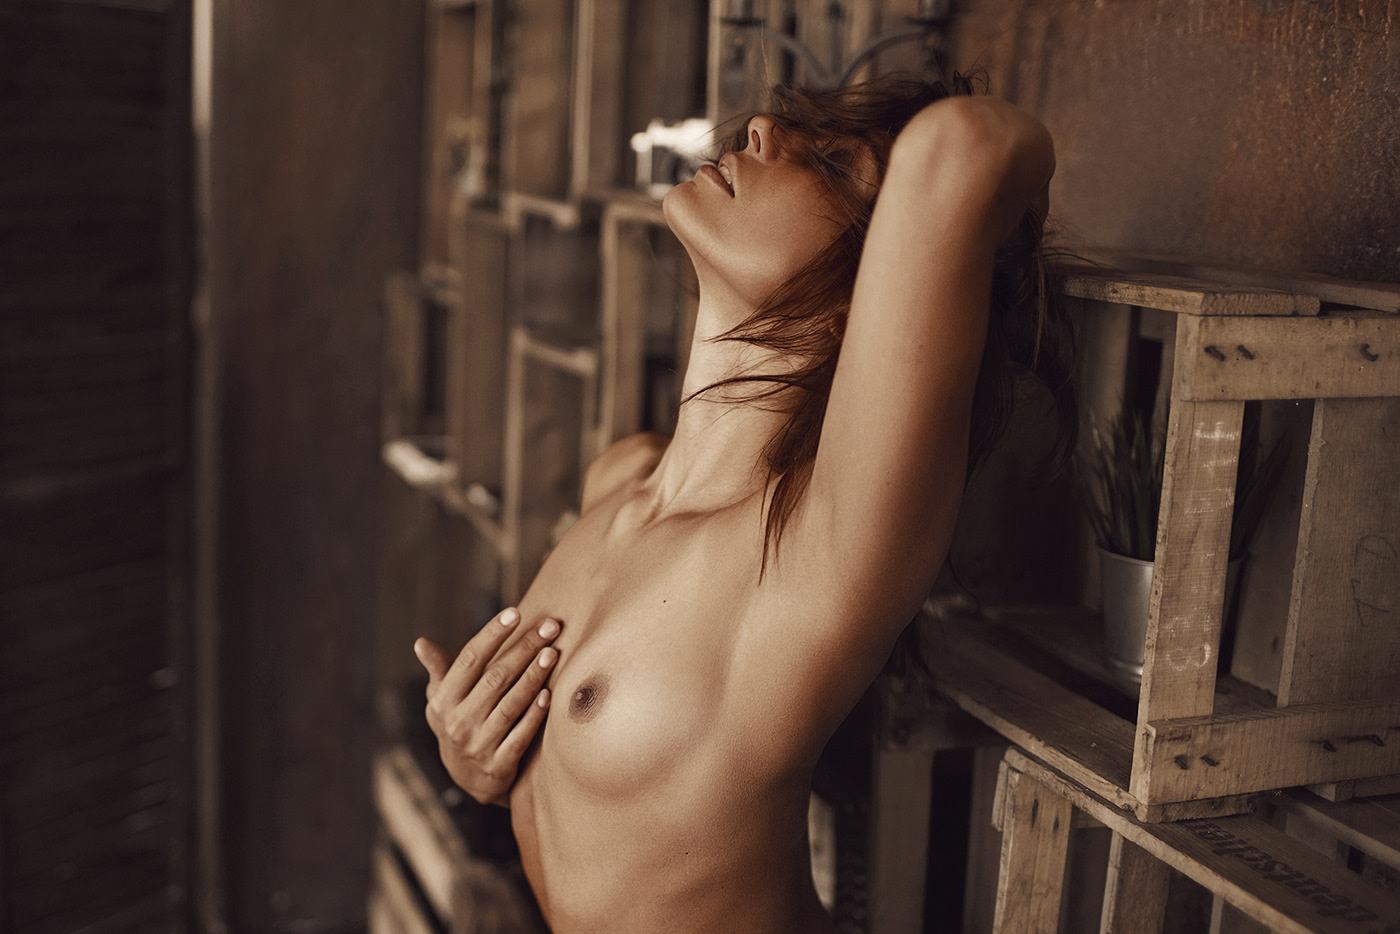 ANETA / фотограф Alex Heitz